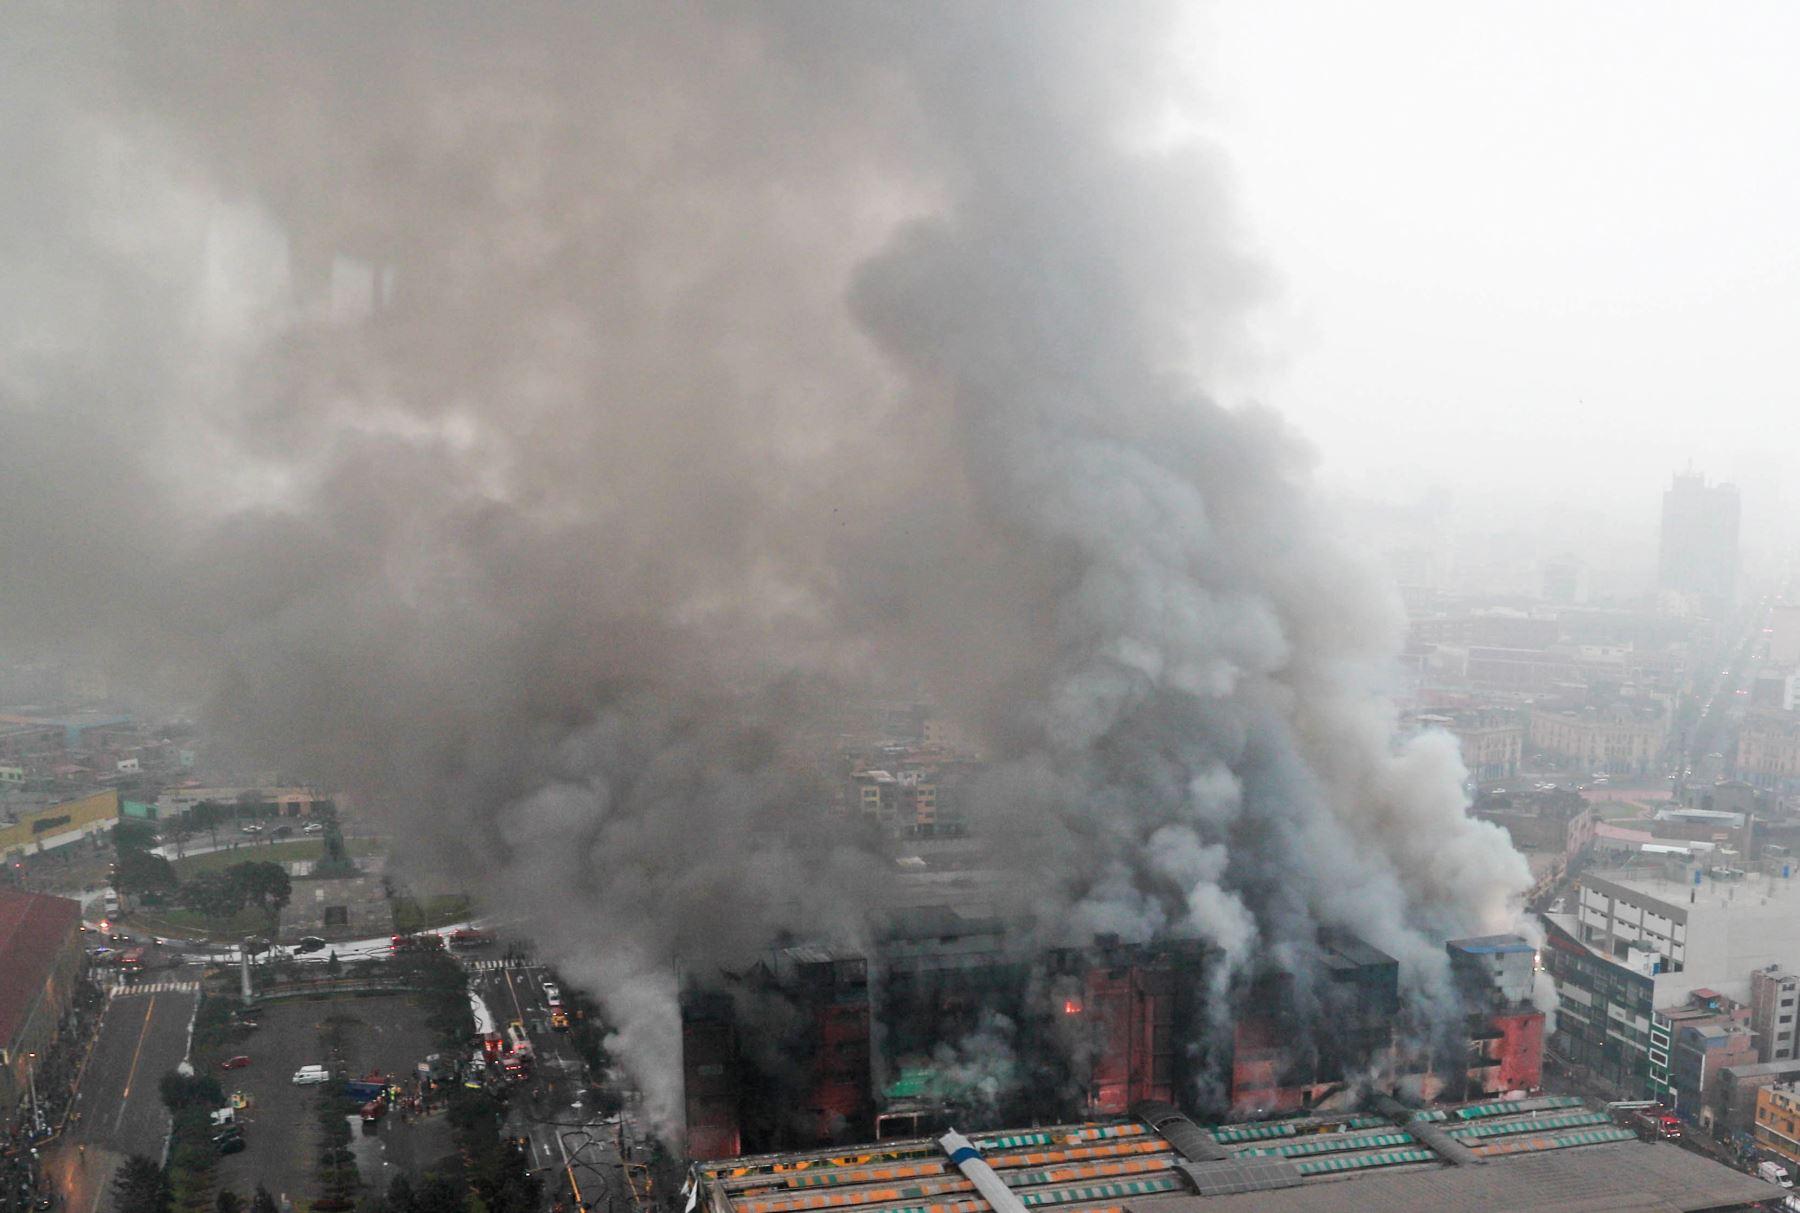 Las Malvinas: gigantesca humareda emana aún de galería incendiada